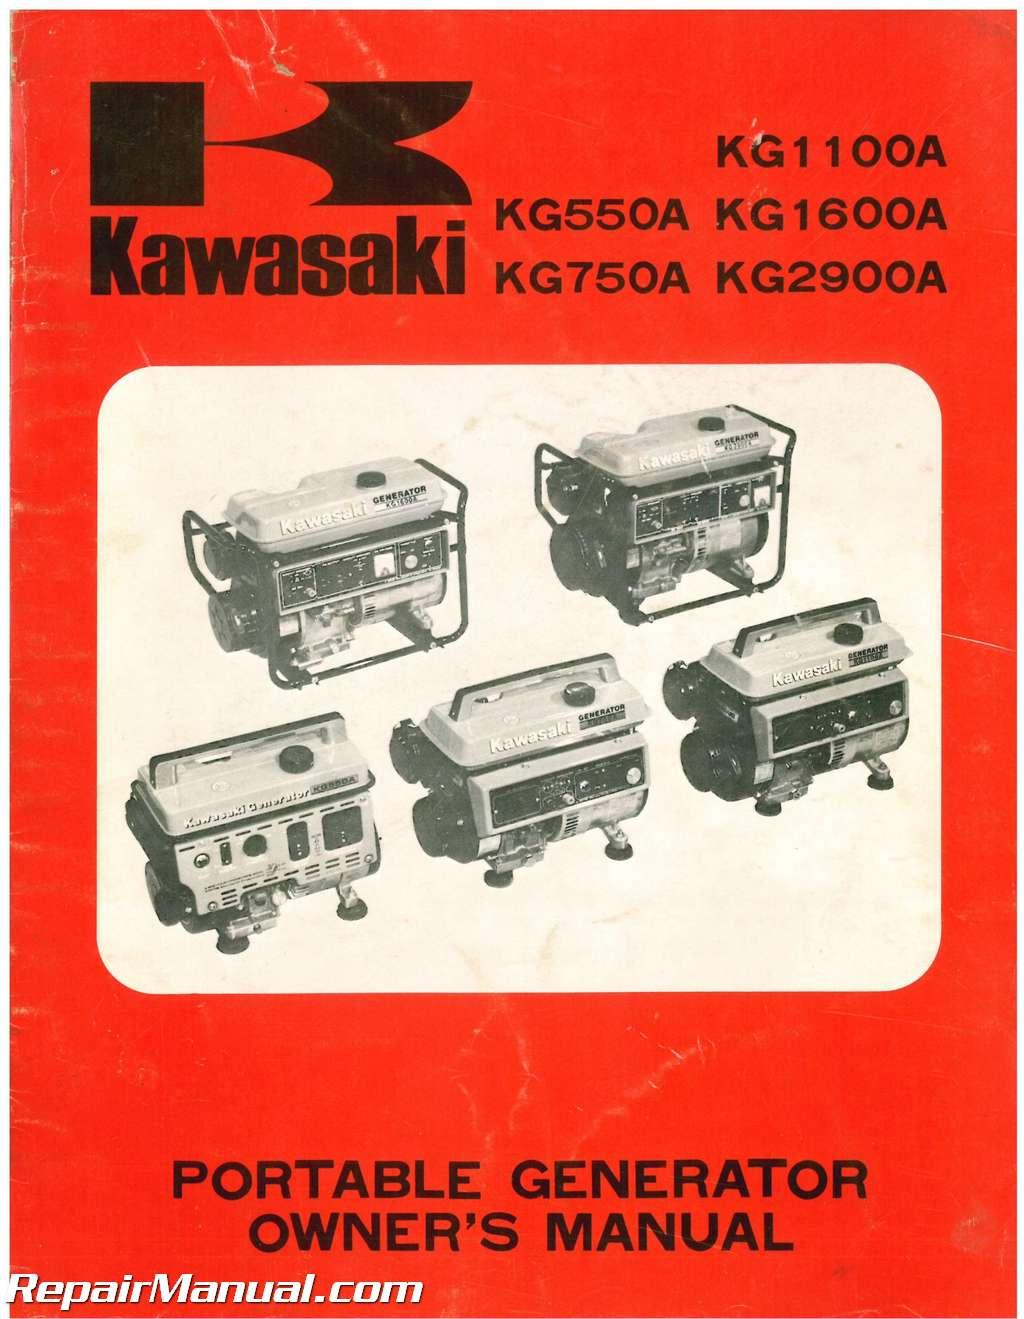 Kawasaki Portable Generator Parts